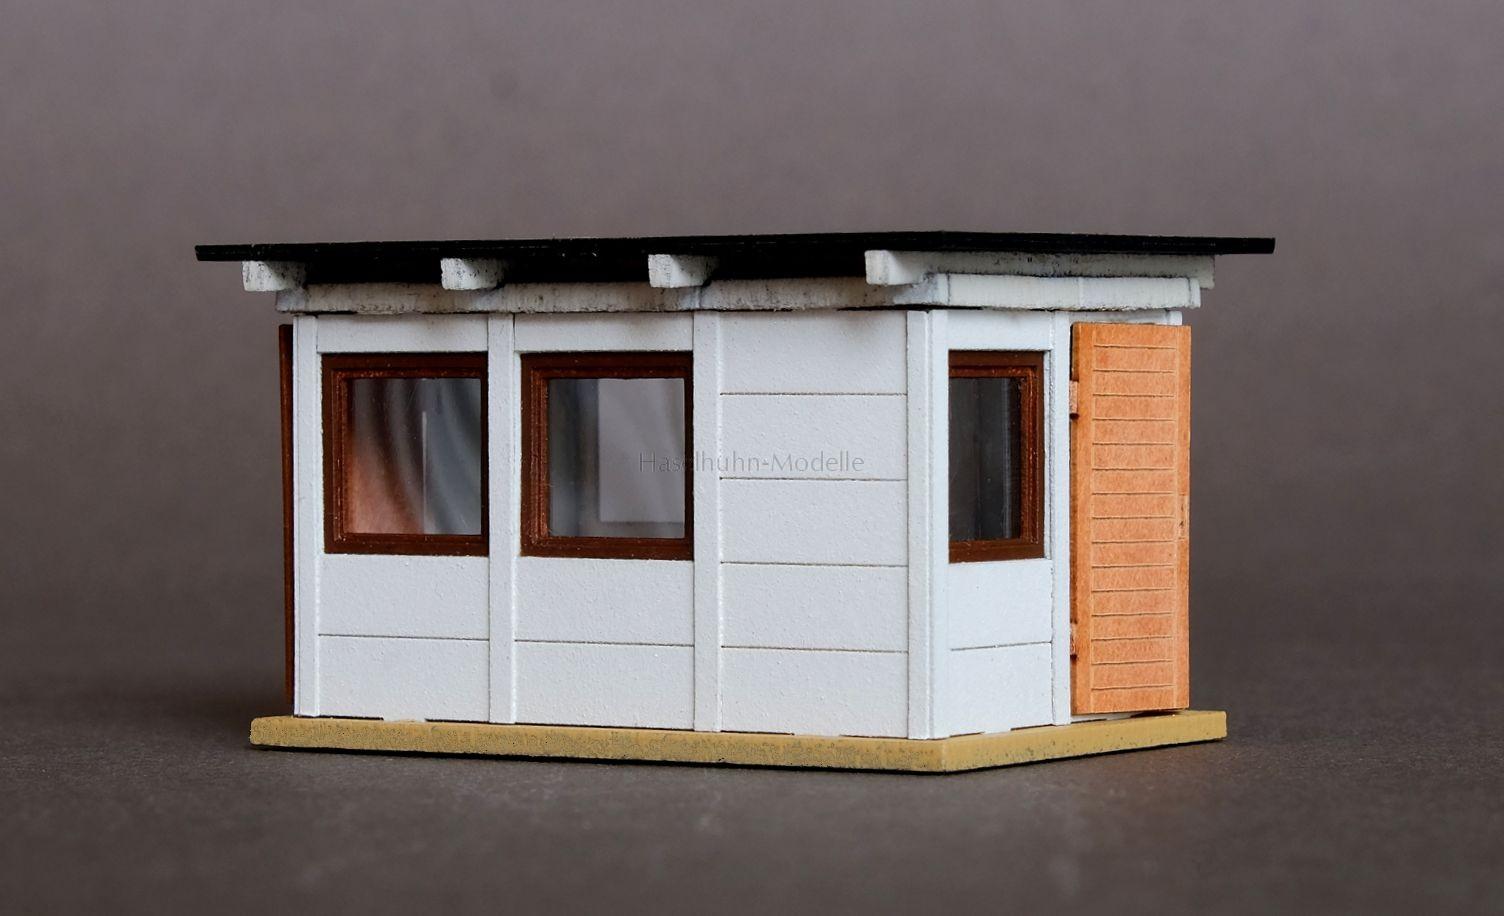 Bausatz für eine Rangierer-Bude bzw. Gartenlaube im Fertigteil-Stil 1:87 / H0